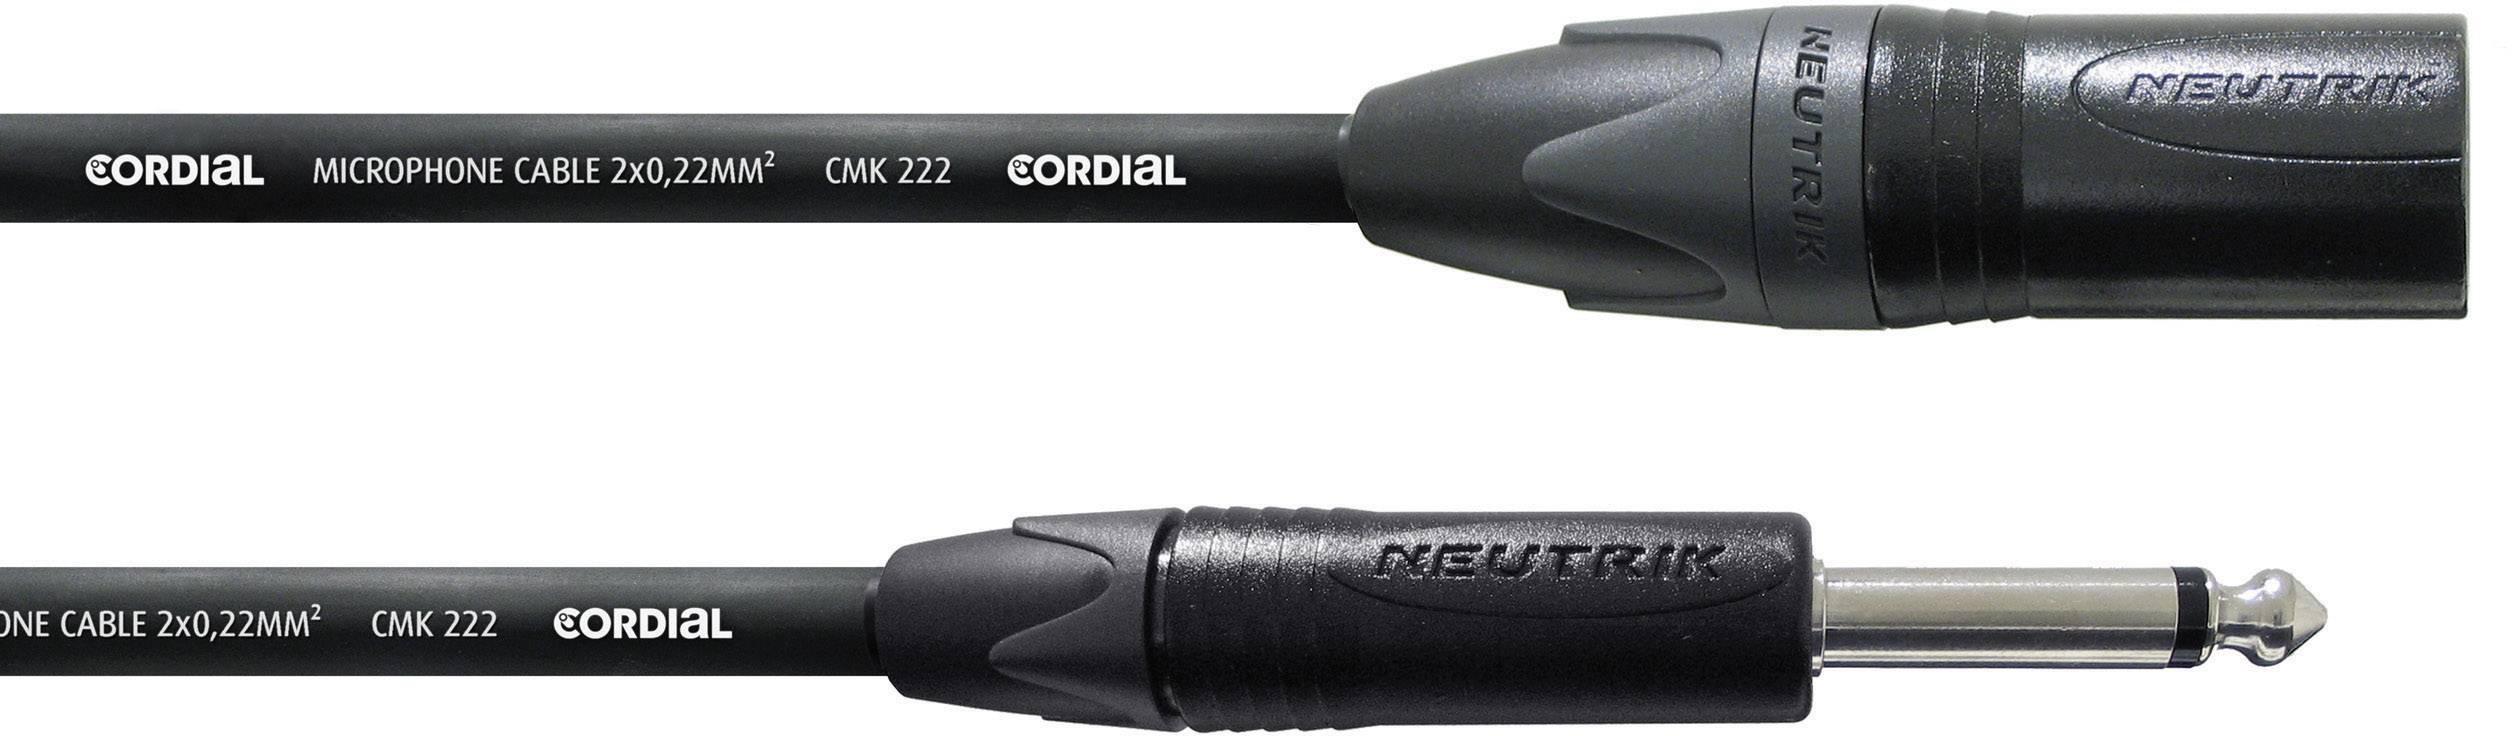 Kabel Cordial® CMK 222 2,5 CPM MP, XLR(M)/mono jack 6,3 mm, 2,5 m, černá